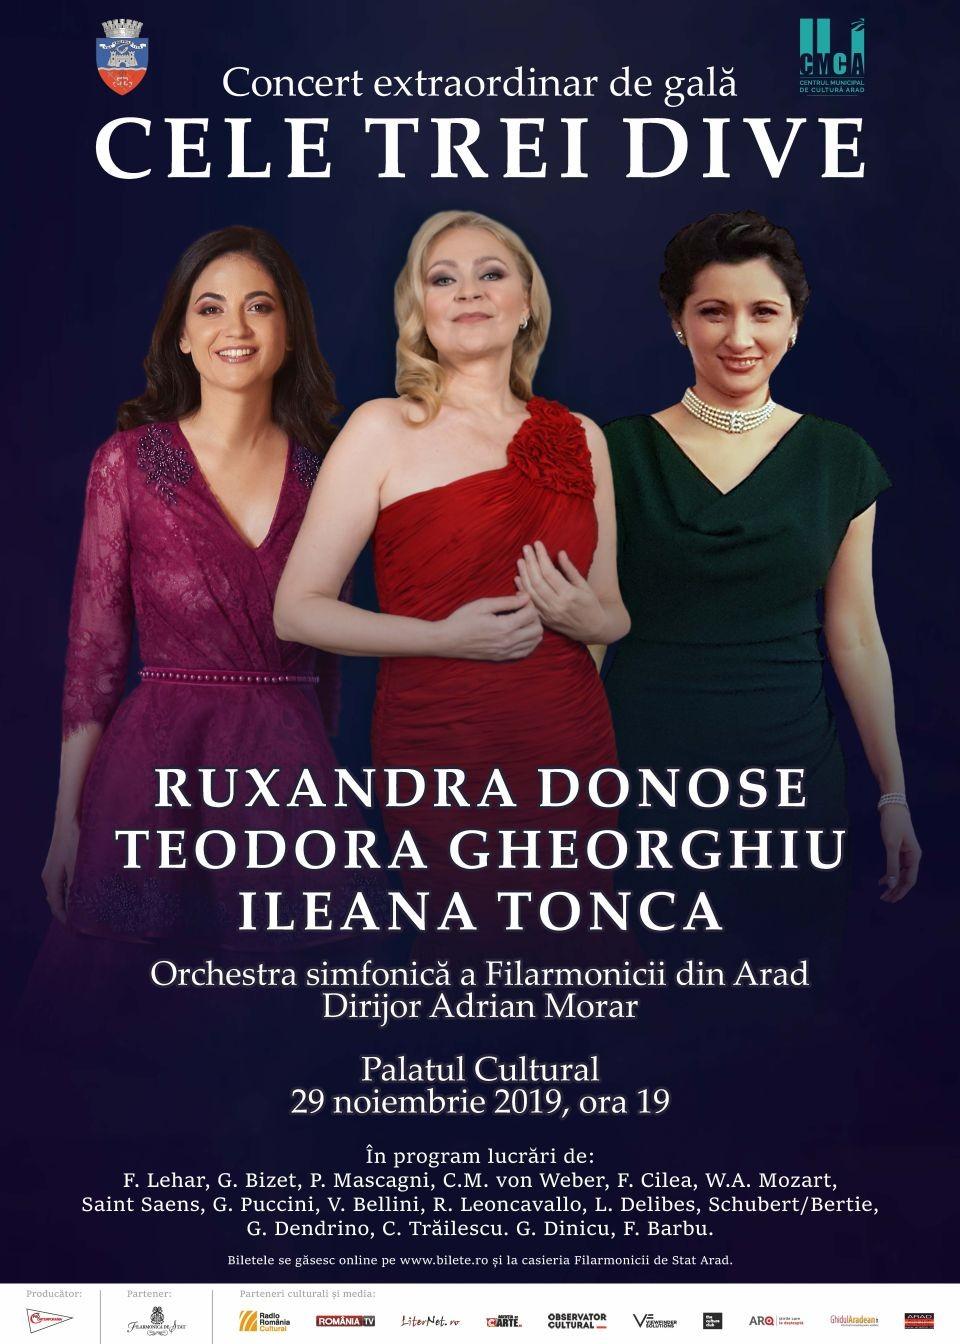 CELE TREI DIVE pe o scenă cu istorie din România